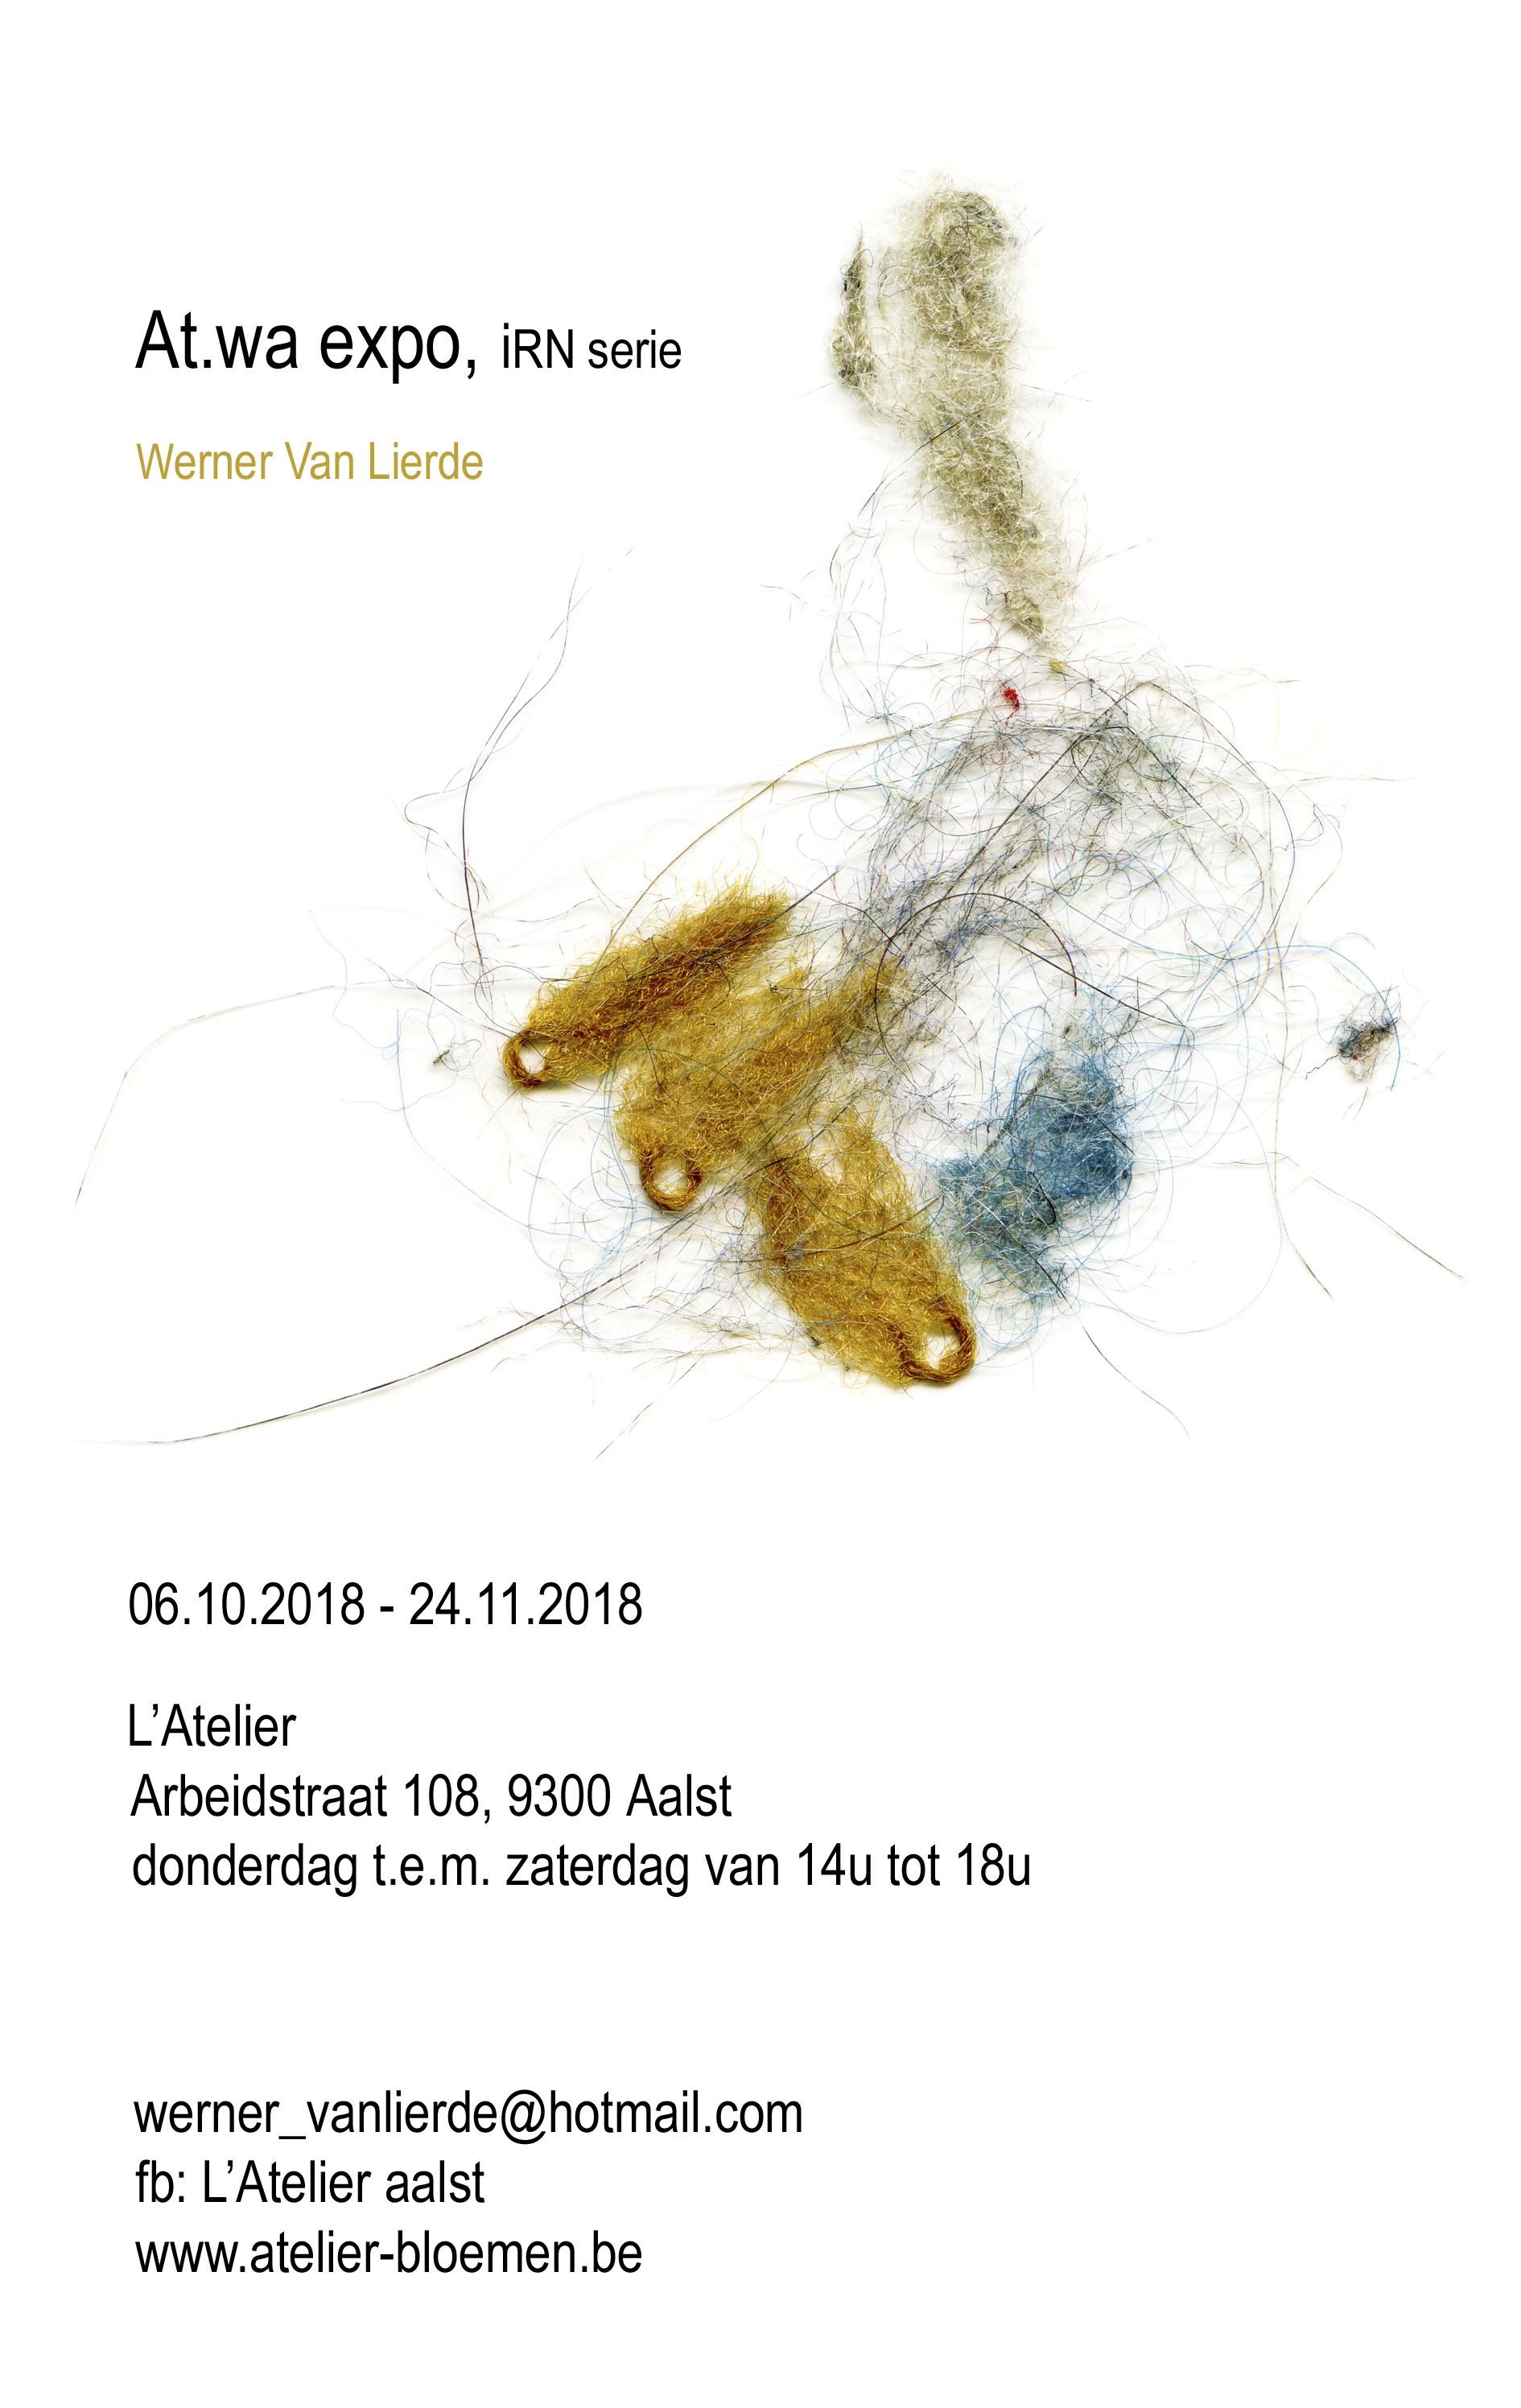 uitnodiging Werner Van Lierde (1).jpg